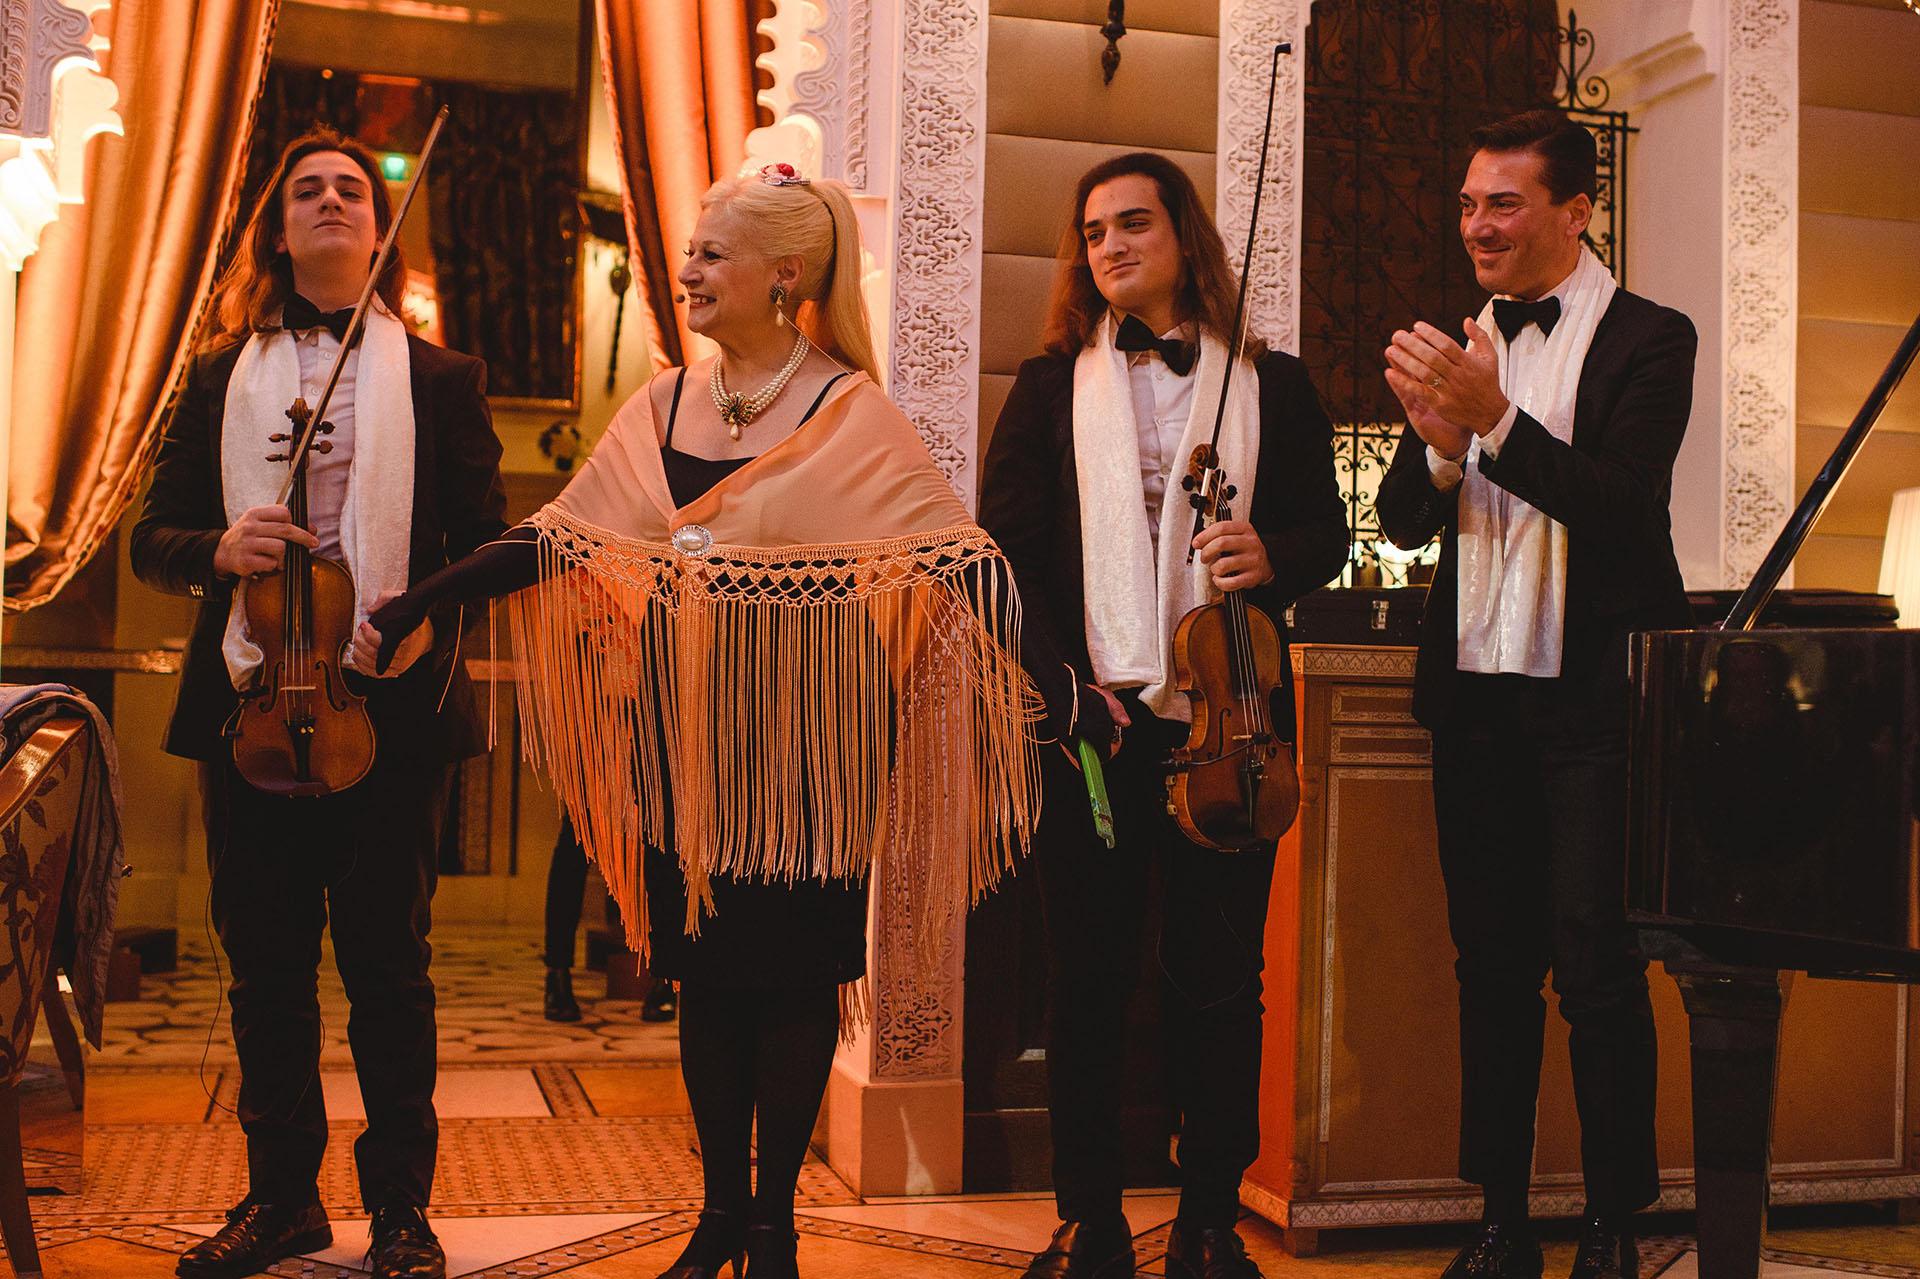 La soprano Haydee Dabusti junto al maestro Antonino Caronn y sus hijos Gioel y Emmanuel se presentaron durante el cóctel de bienvenida en el hotel Royal Mansour, en el primero de los festejos de cumpleaños de Alejandro Roemmers